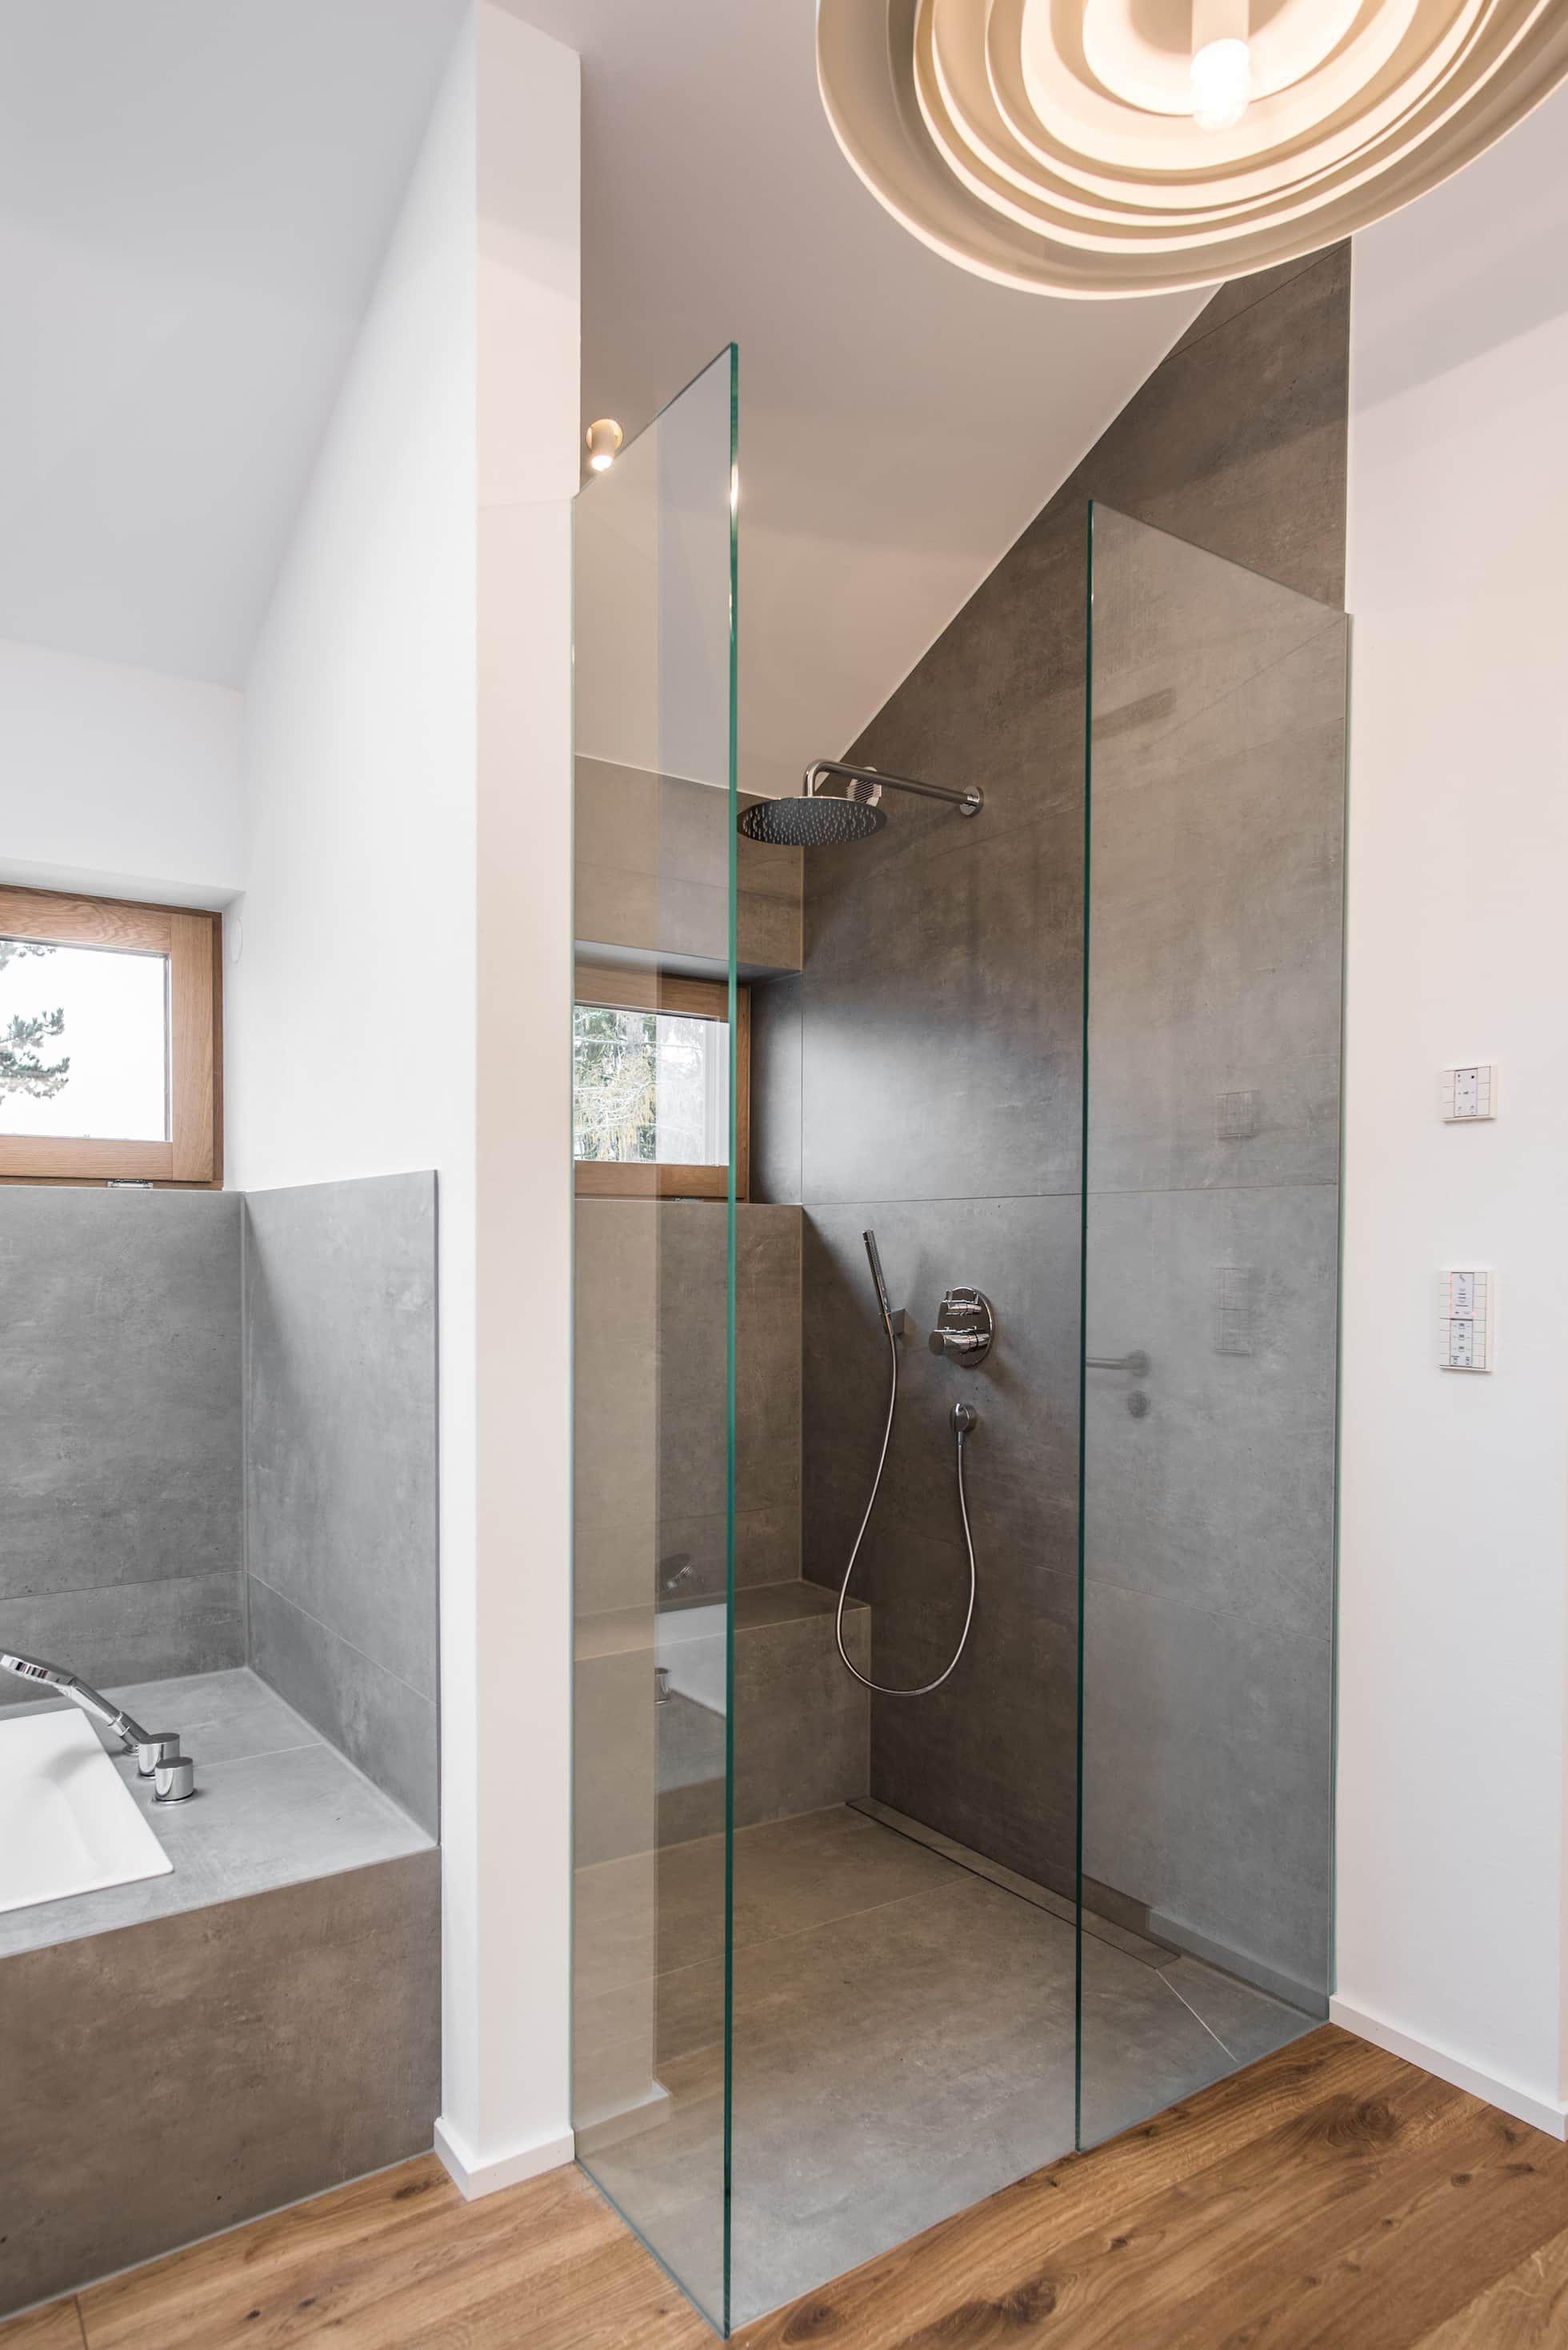 Badezimmer – dusche moderne badezimmer von mannsperger möbel + raumdesign modern | homify #myfuturehouse